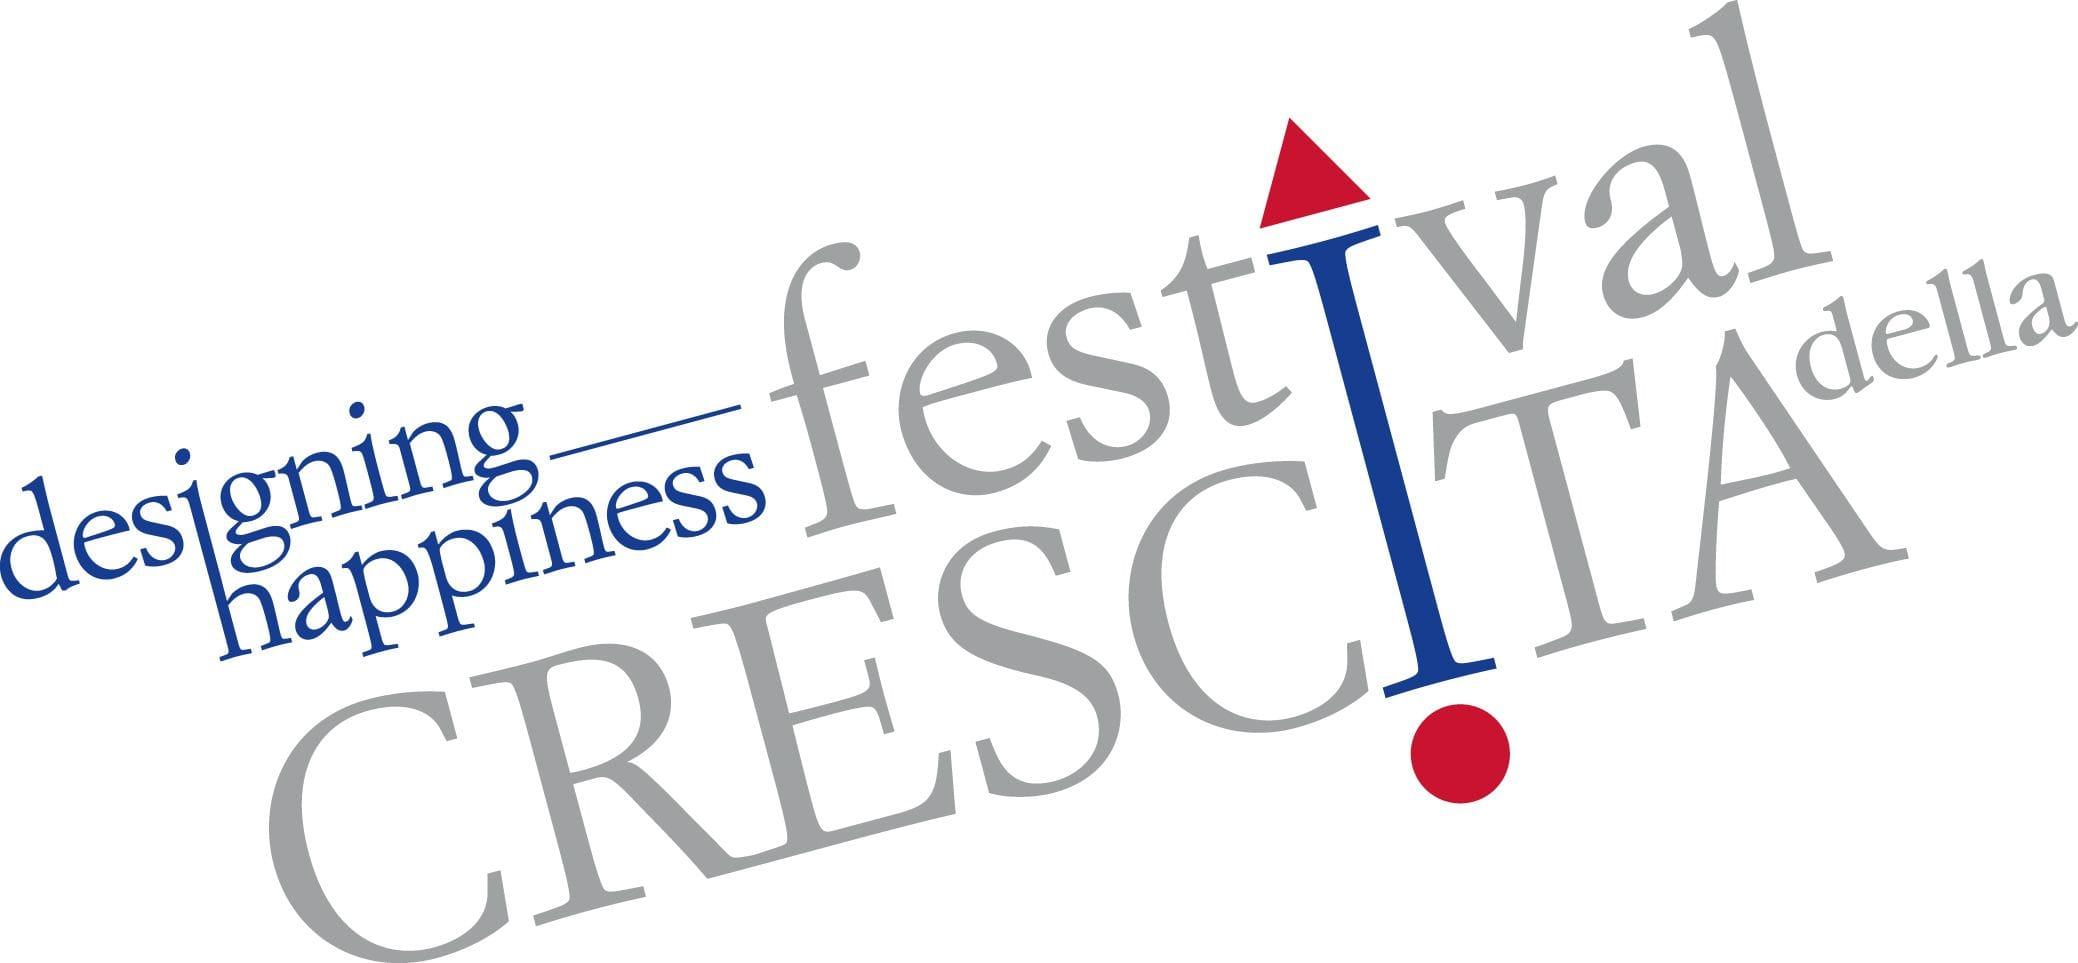 """Il Logo dell'edizione """"Designing Happiness"""" del Festival della Crescita"""